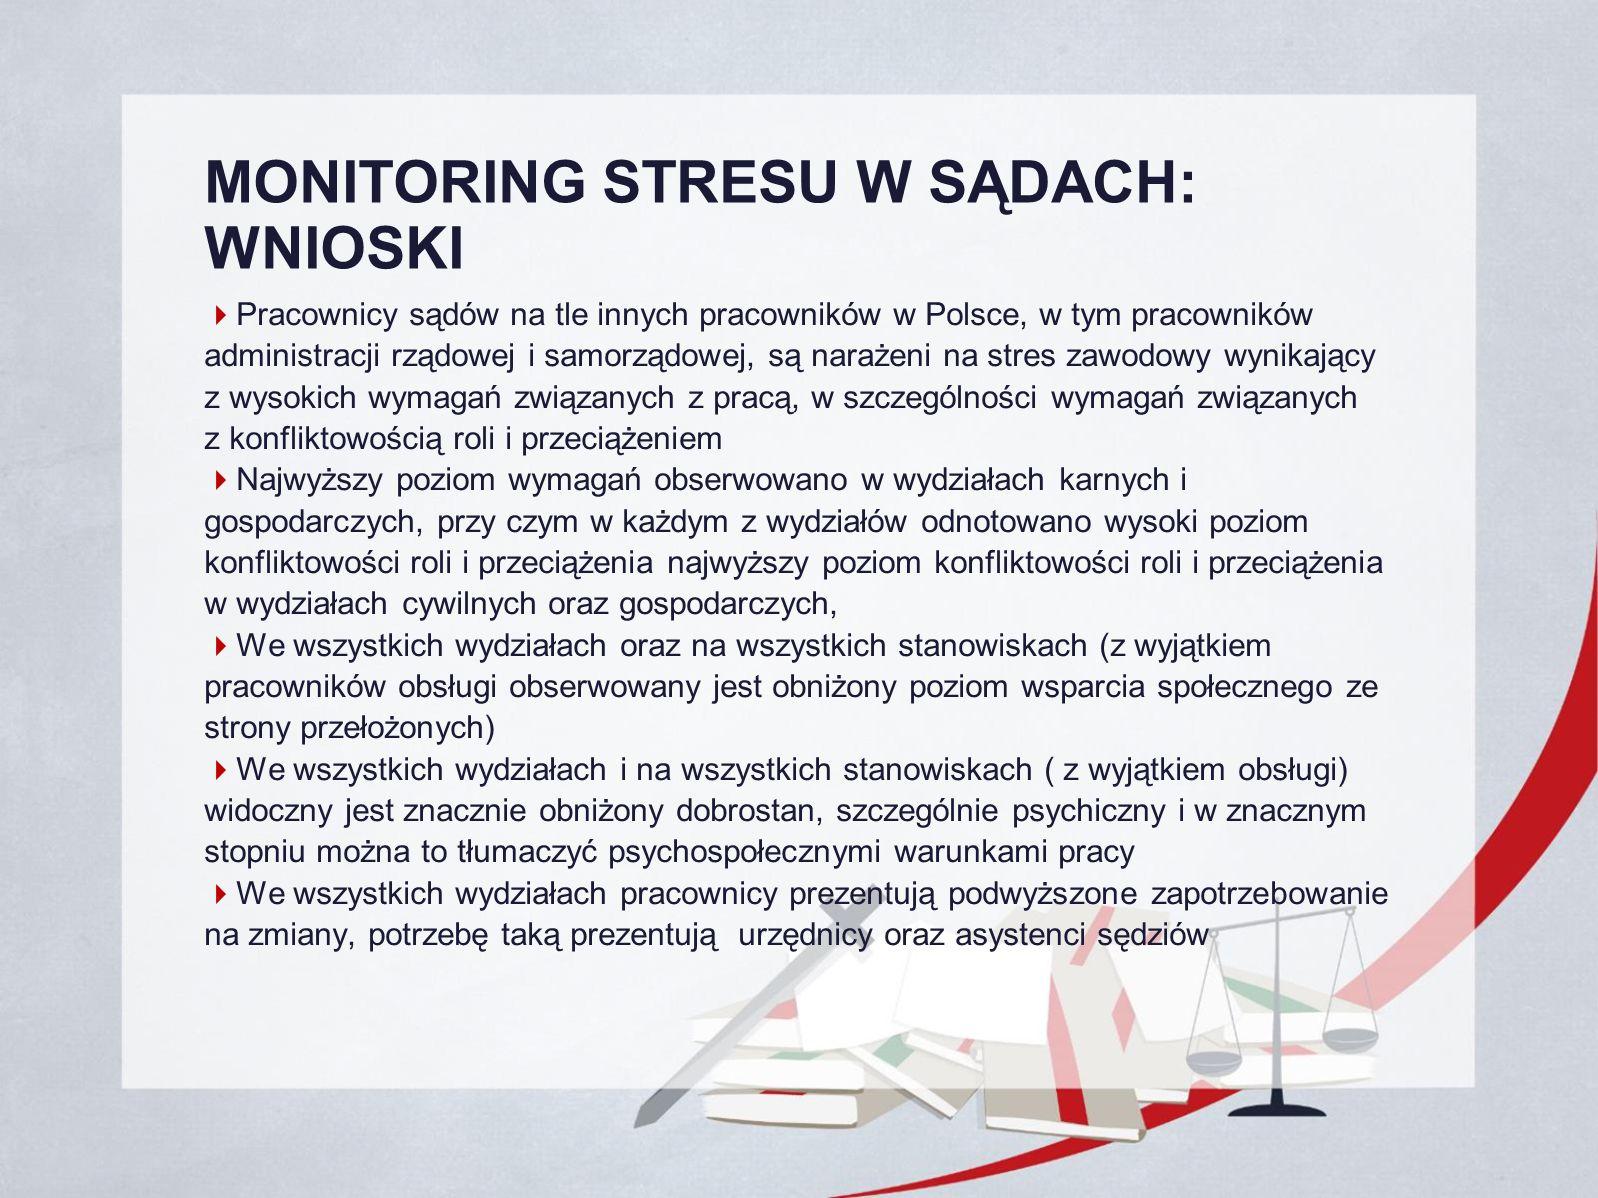 MONITORING STRESU W SĄDACH: WNIOSKI  Pracownicy sądów na tle innych pracowników w Polsce, w tym pracowników administracji rządowej i samorządowej, są narażeni na stres zawodowy wynikający z wysokich wymagań związanych z pracą, w szczególności wymagań związanych z konfliktowością roli i przeciążeniem  Najwyższy poziom wymagań obserwowano w wydziałach karnych i gospodarczych, przy czym w każdym z wydziałów odnotowano wysoki poziom konfliktowości roli i przeciążenia najwyższy poziom konfliktowości roli i przeciążenia w wydziałach cywilnych oraz gospodarczych,  We wszystkich wydziałach oraz na wszystkich stanowiskach (z wyjątkiem pracowników obsługi obserwowany jest obniżony poziom wsparcia społecznego ze strony przełożonych)  We wszystkich wydziałach i na wszystkich stanowiskach ( z wyjątkiem obsługi) widoczny jest znacznie obniżony dobrostan, szczególnie psychiczny i w znacznym stopniu można to tłumaczyć psychospołecznymi warunkami pracy  We wszystkich wydziałach pracownicy prezentują podwyższone zapotrzebowanie na zmiany, potrzebę taką prezentują urzędnicy oraz asystenci sędziów